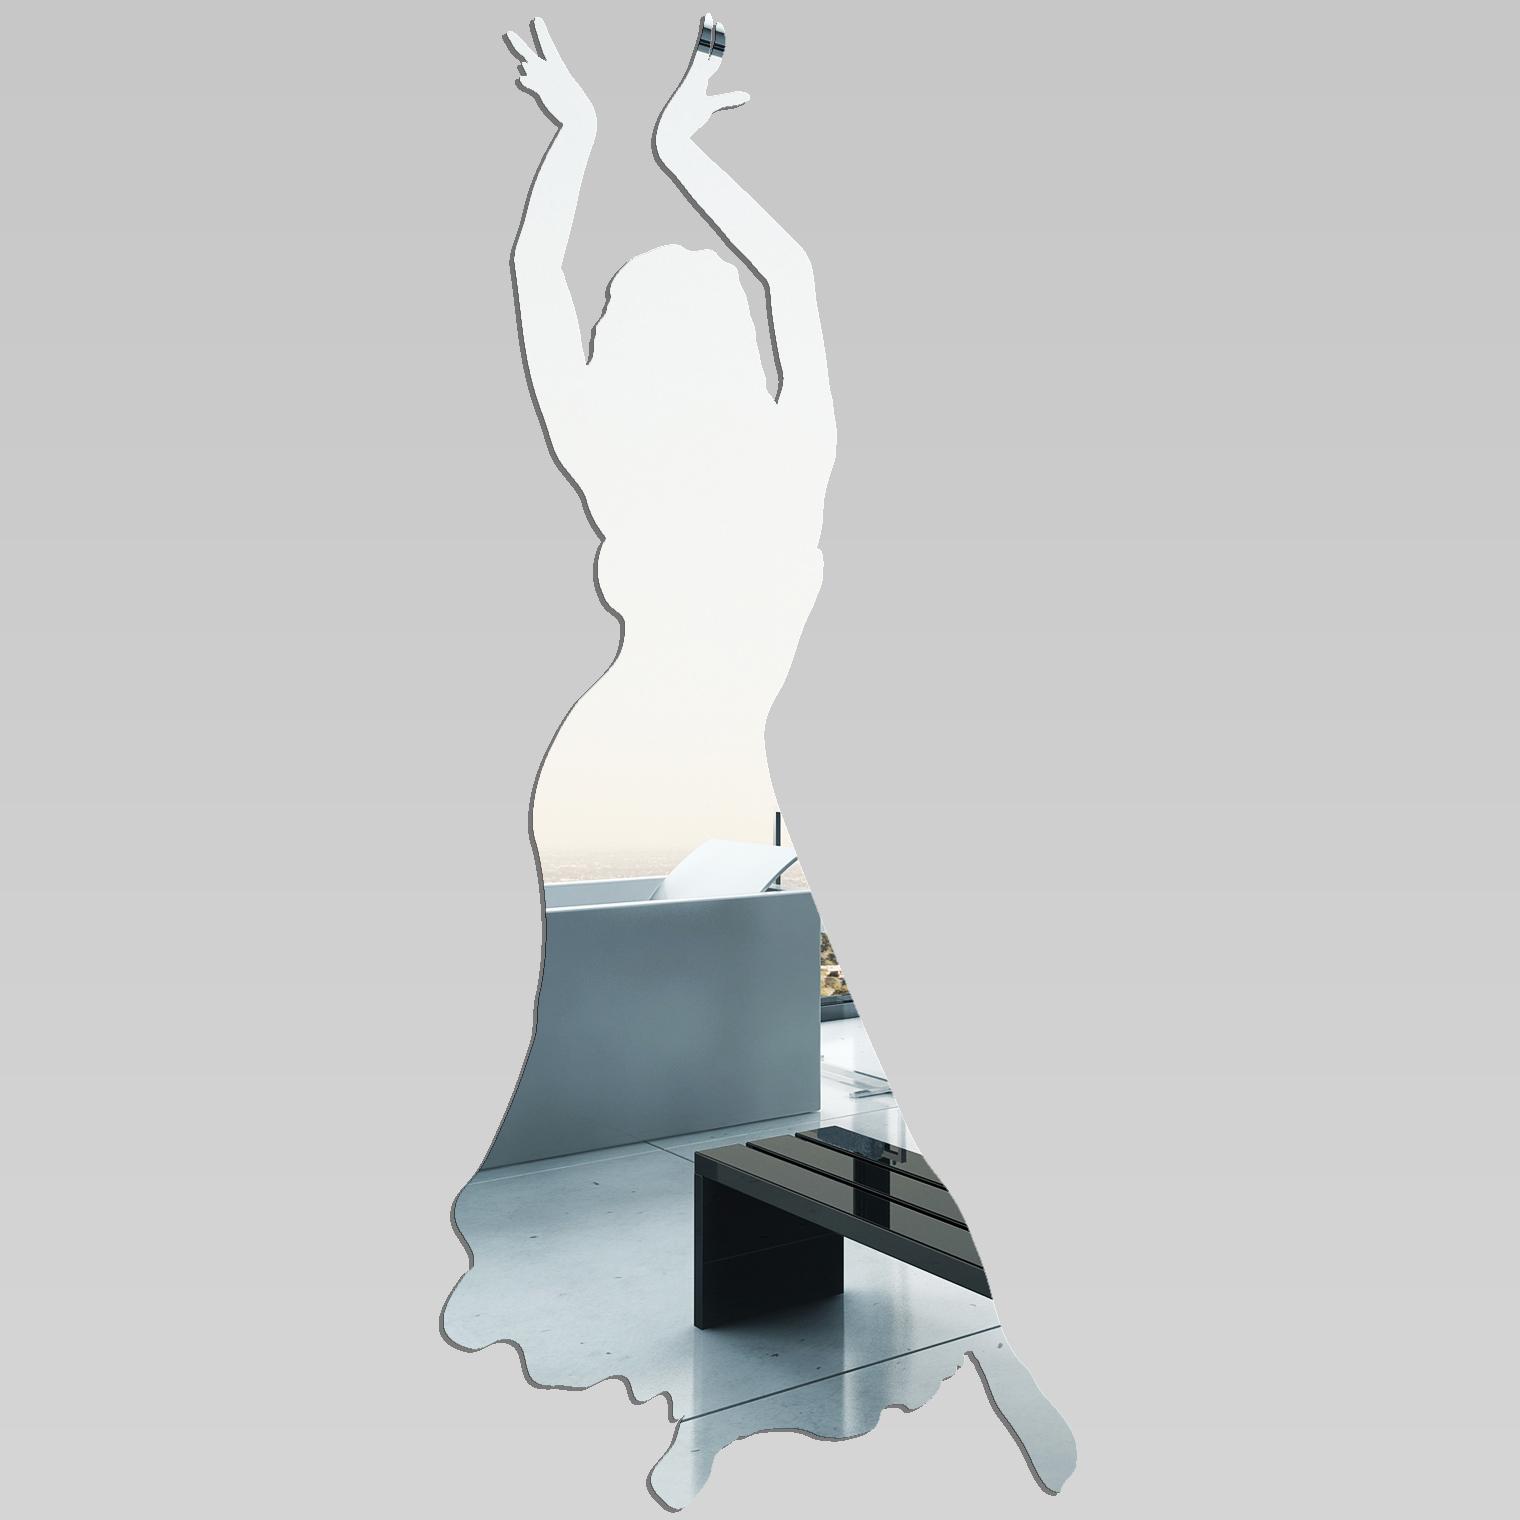 miroir plexiglass acrylique danseuse orientale pas cher. Black Bedroom Furniture Sets. Home Design Ideas